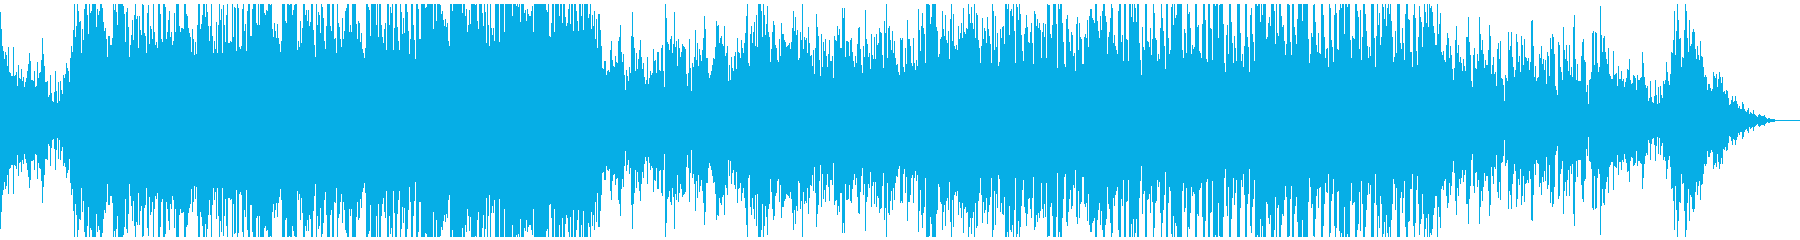 和風 戦い ピンチなイメージの再生済みの波形